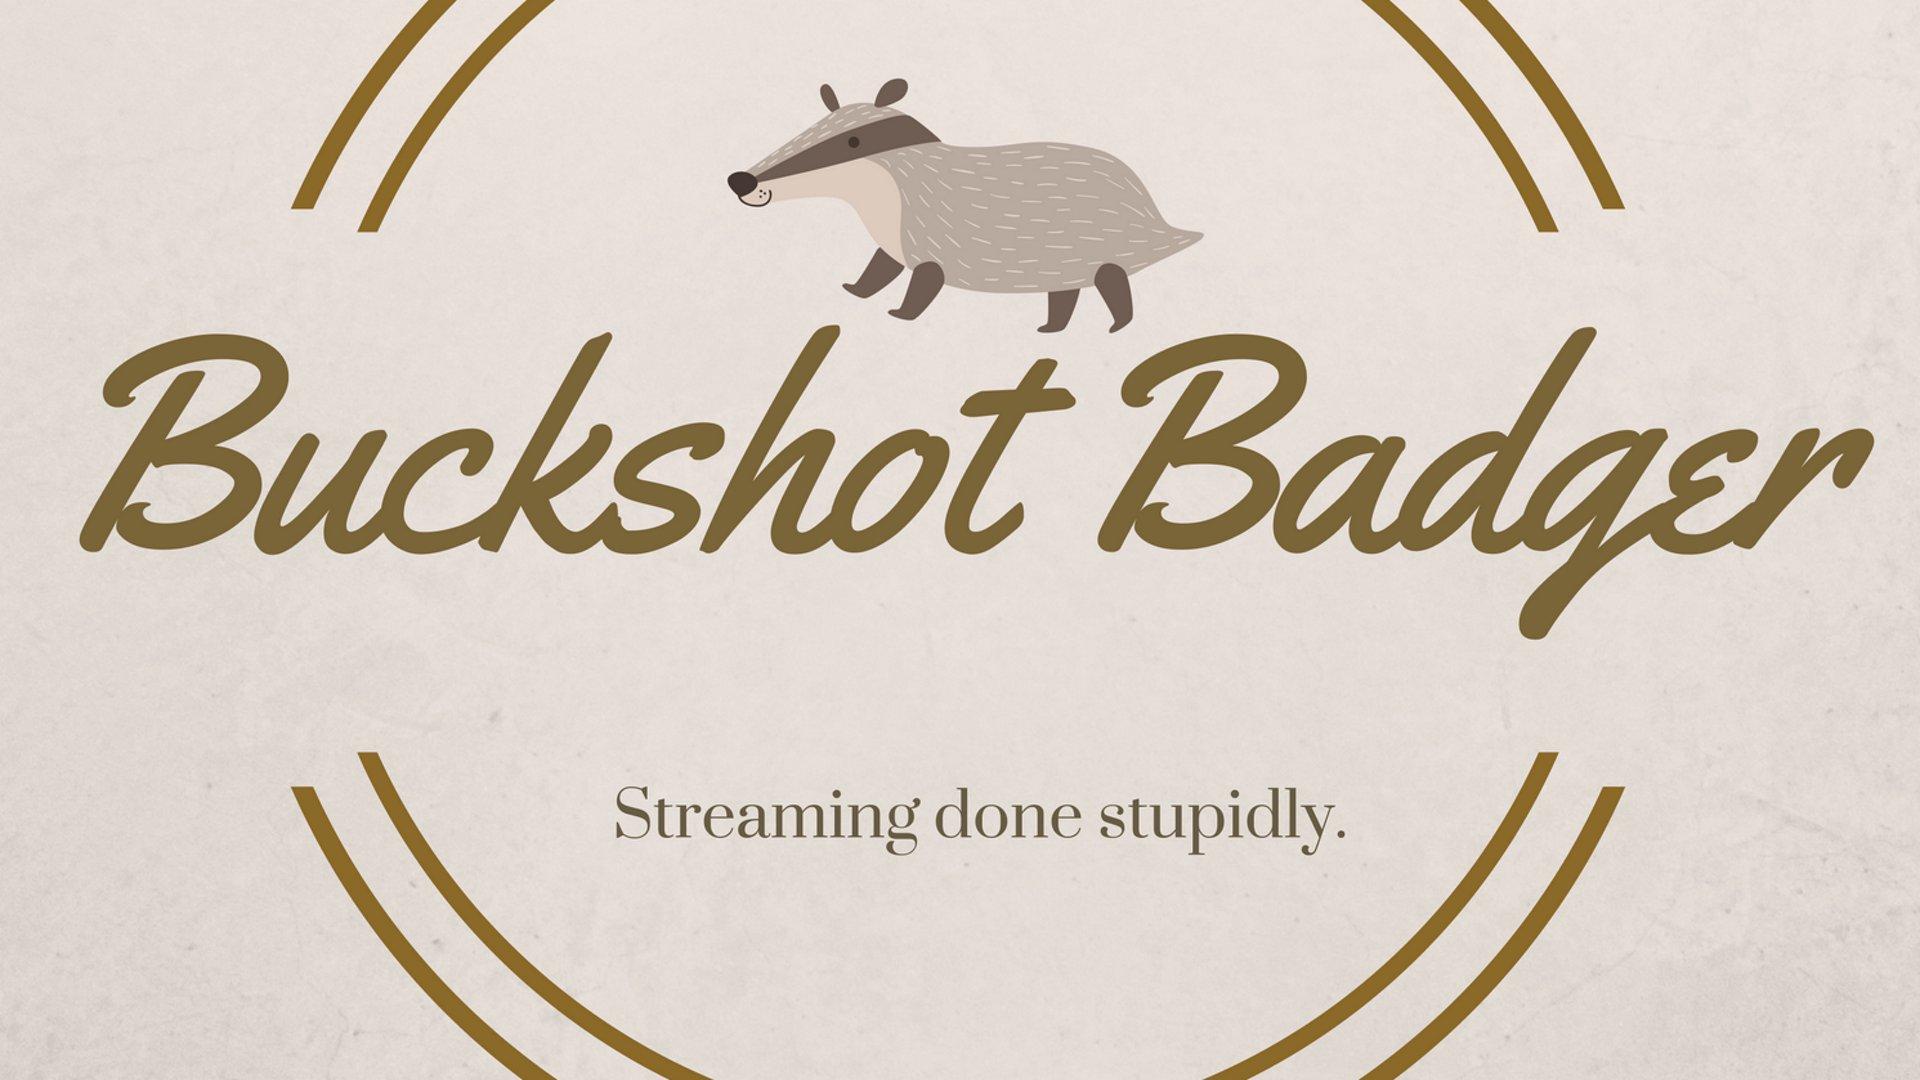 buckshotbadgergames